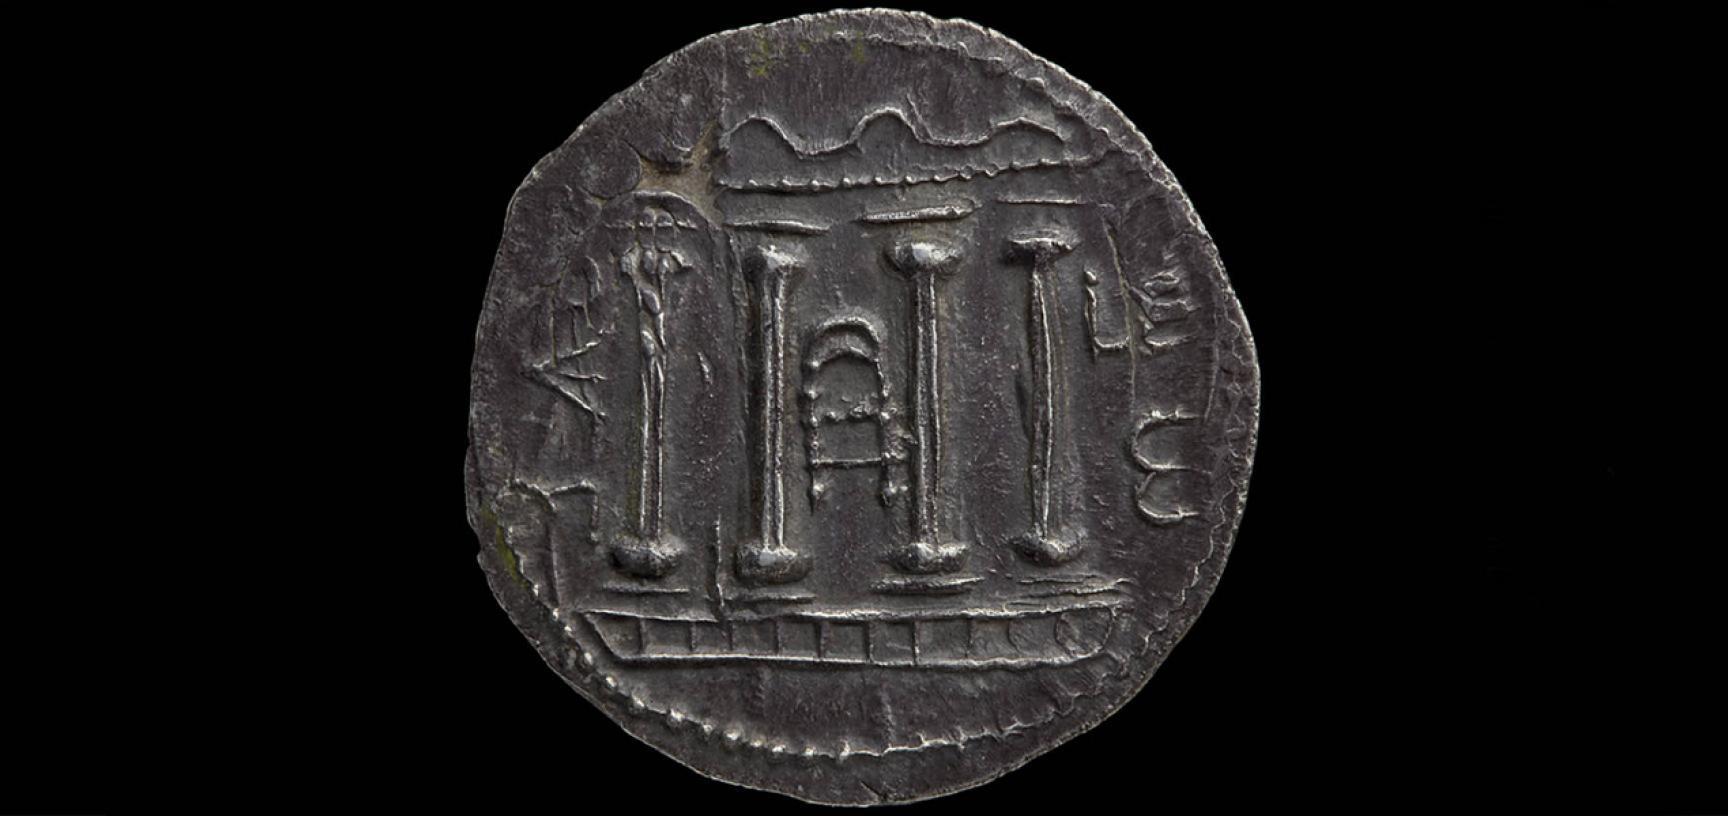 TRETRADRACHM, JUDEA (silver coin) from the Ashmolean collections